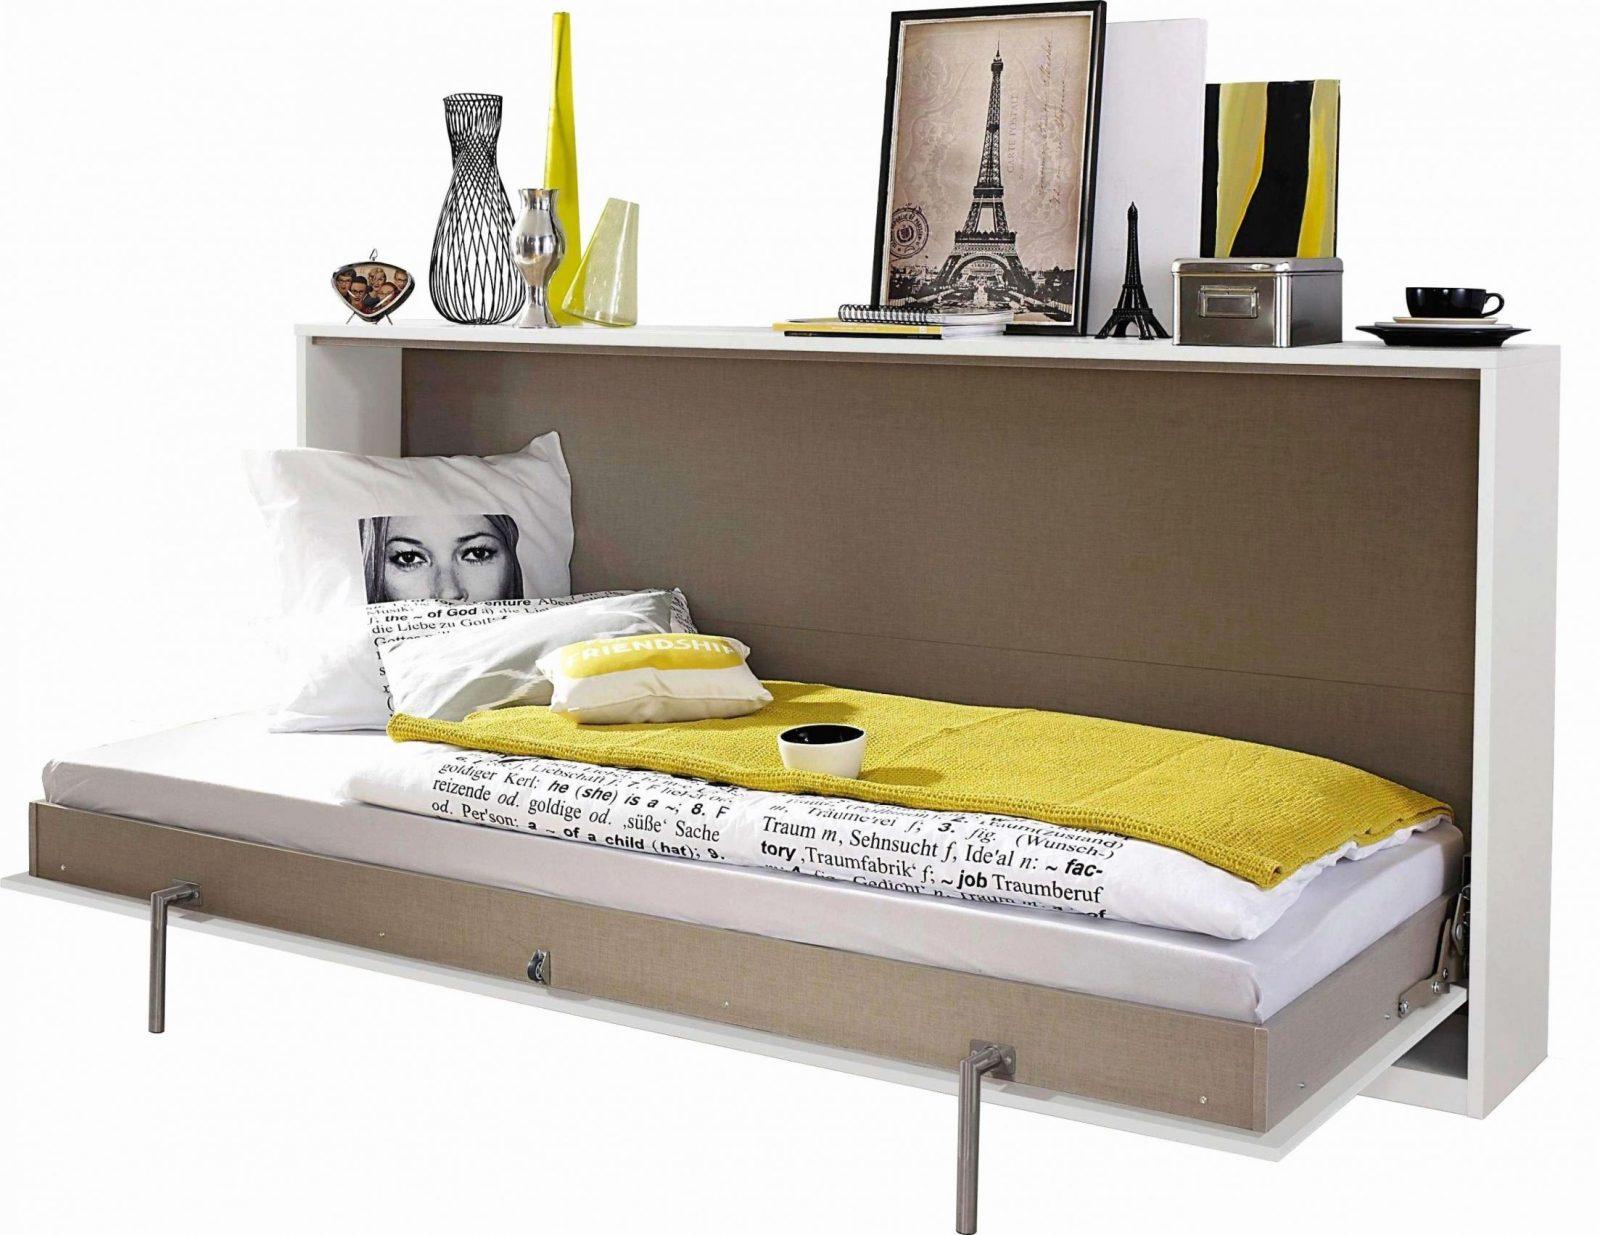 Schlafliege Ikea Elegant Japanisches Bett Mit Unterbett Within von Ikea Einzelbett Mit Unterbett Photo